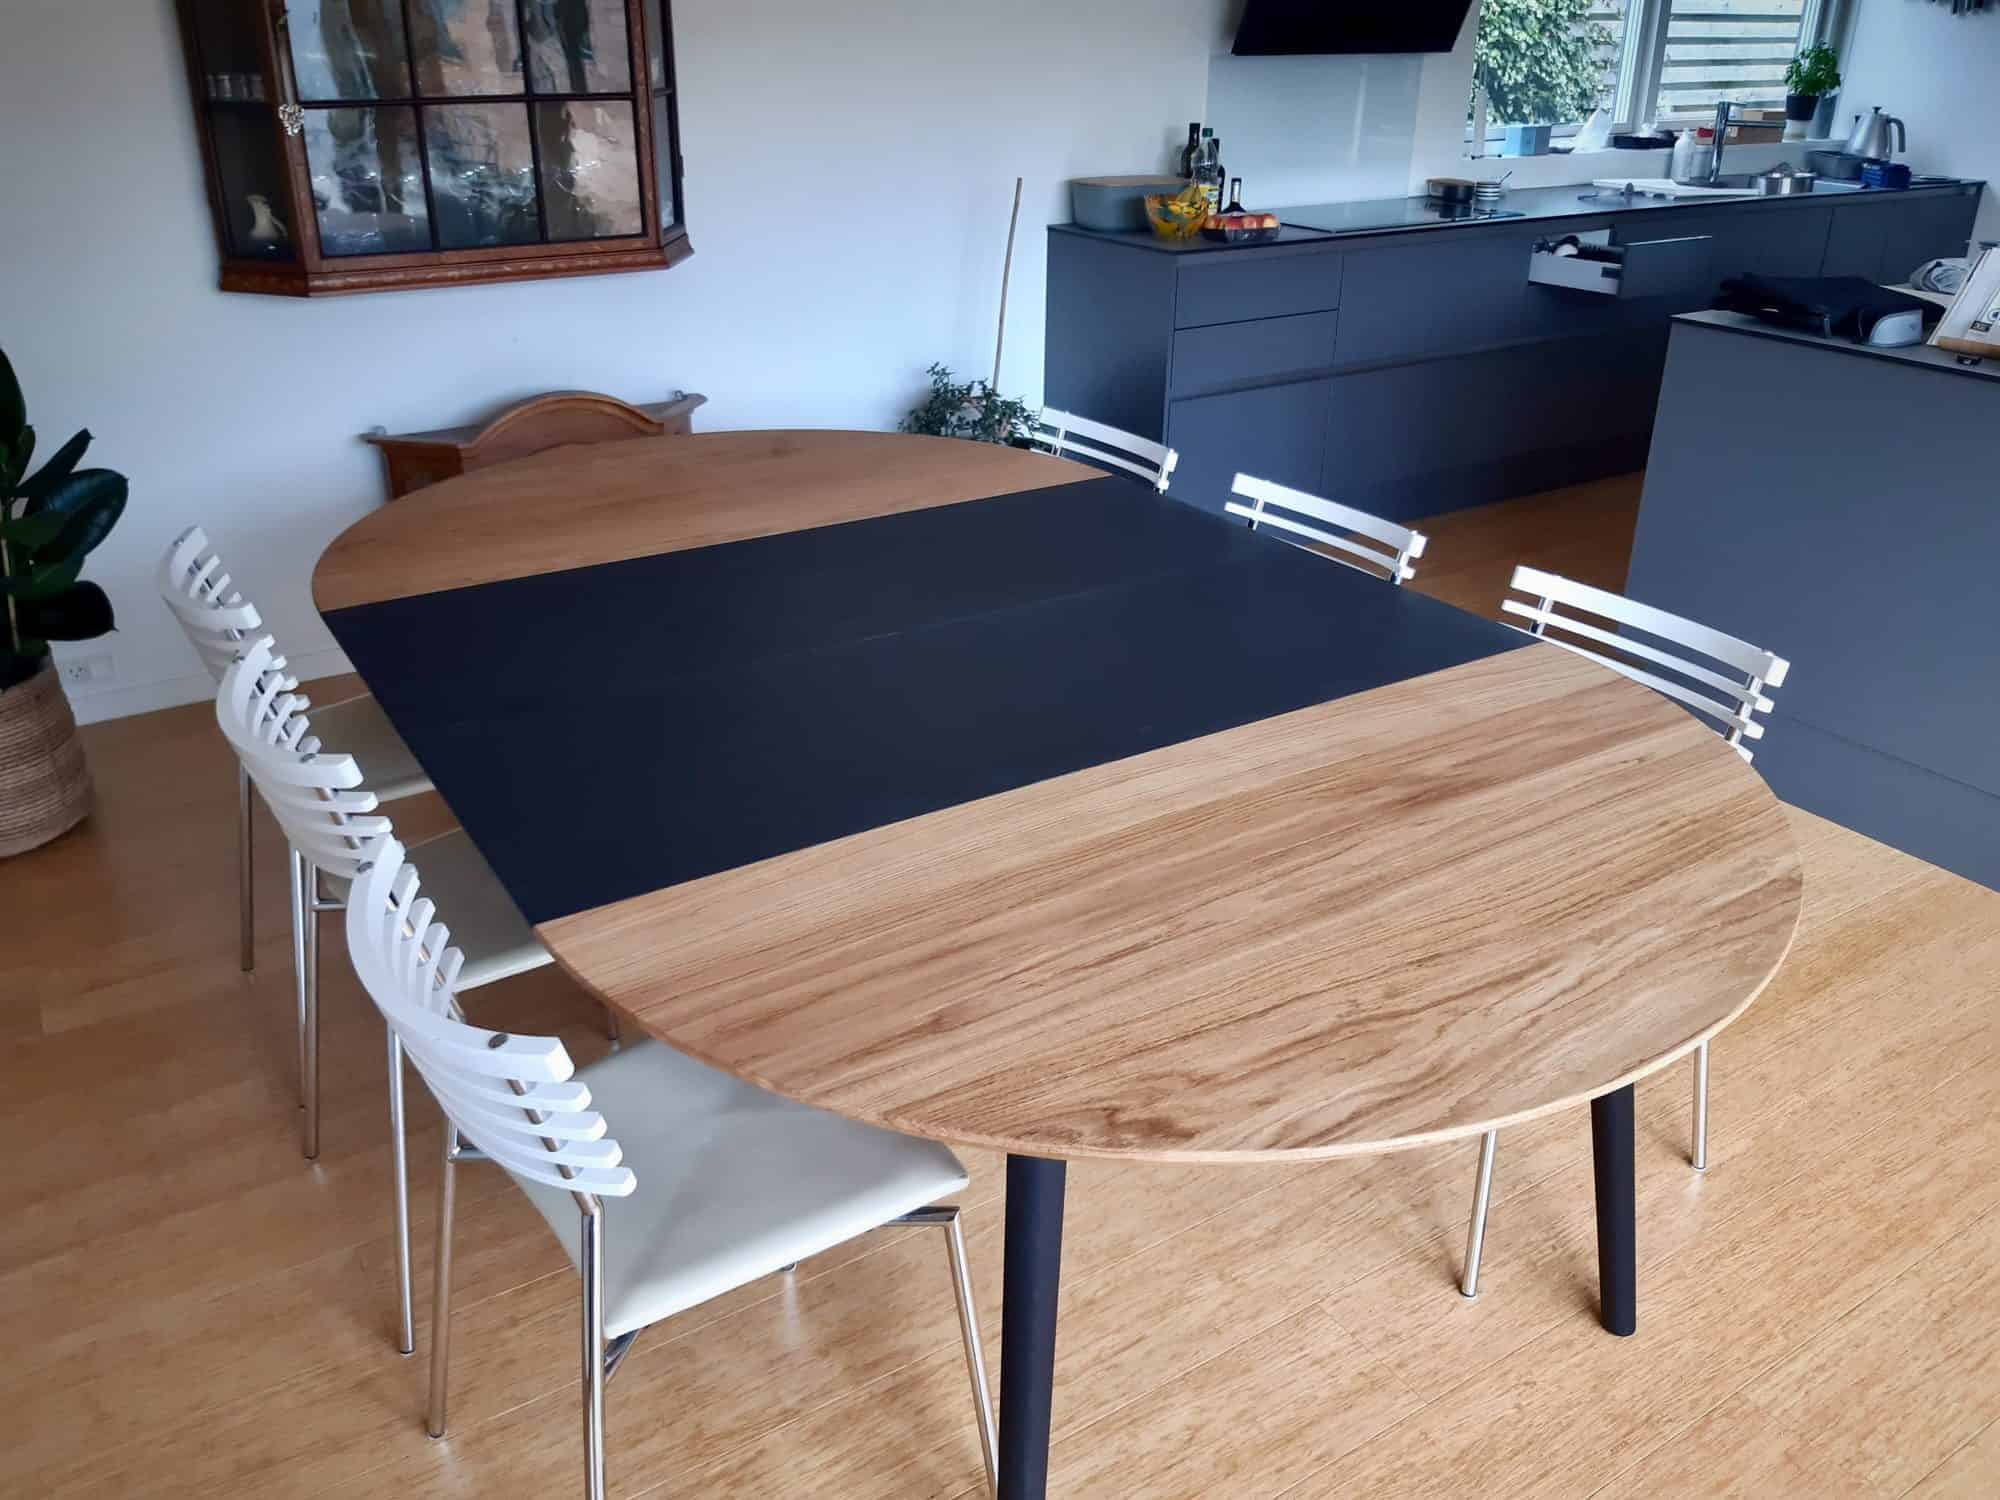 rundtbord rundbord ovalt bord bord i trae traebord traemobler kaerbygaard kaerbygård august 2020 11 scaled